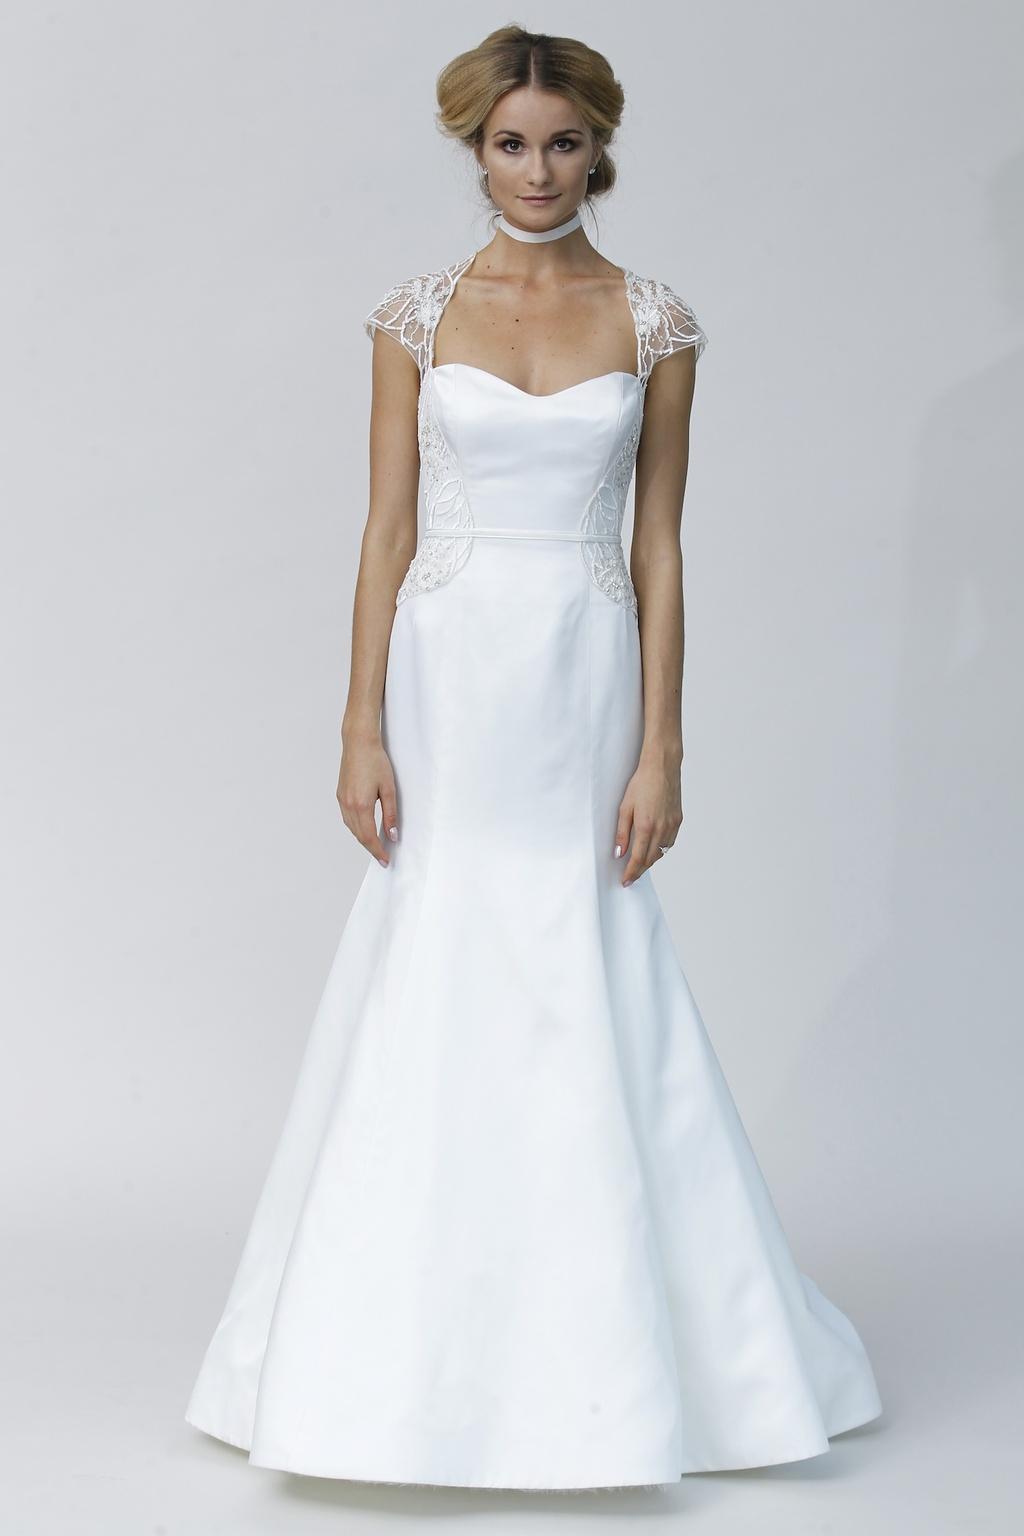 Francesca-wedding-dress-by-rivini-fall-2014-bridal.full